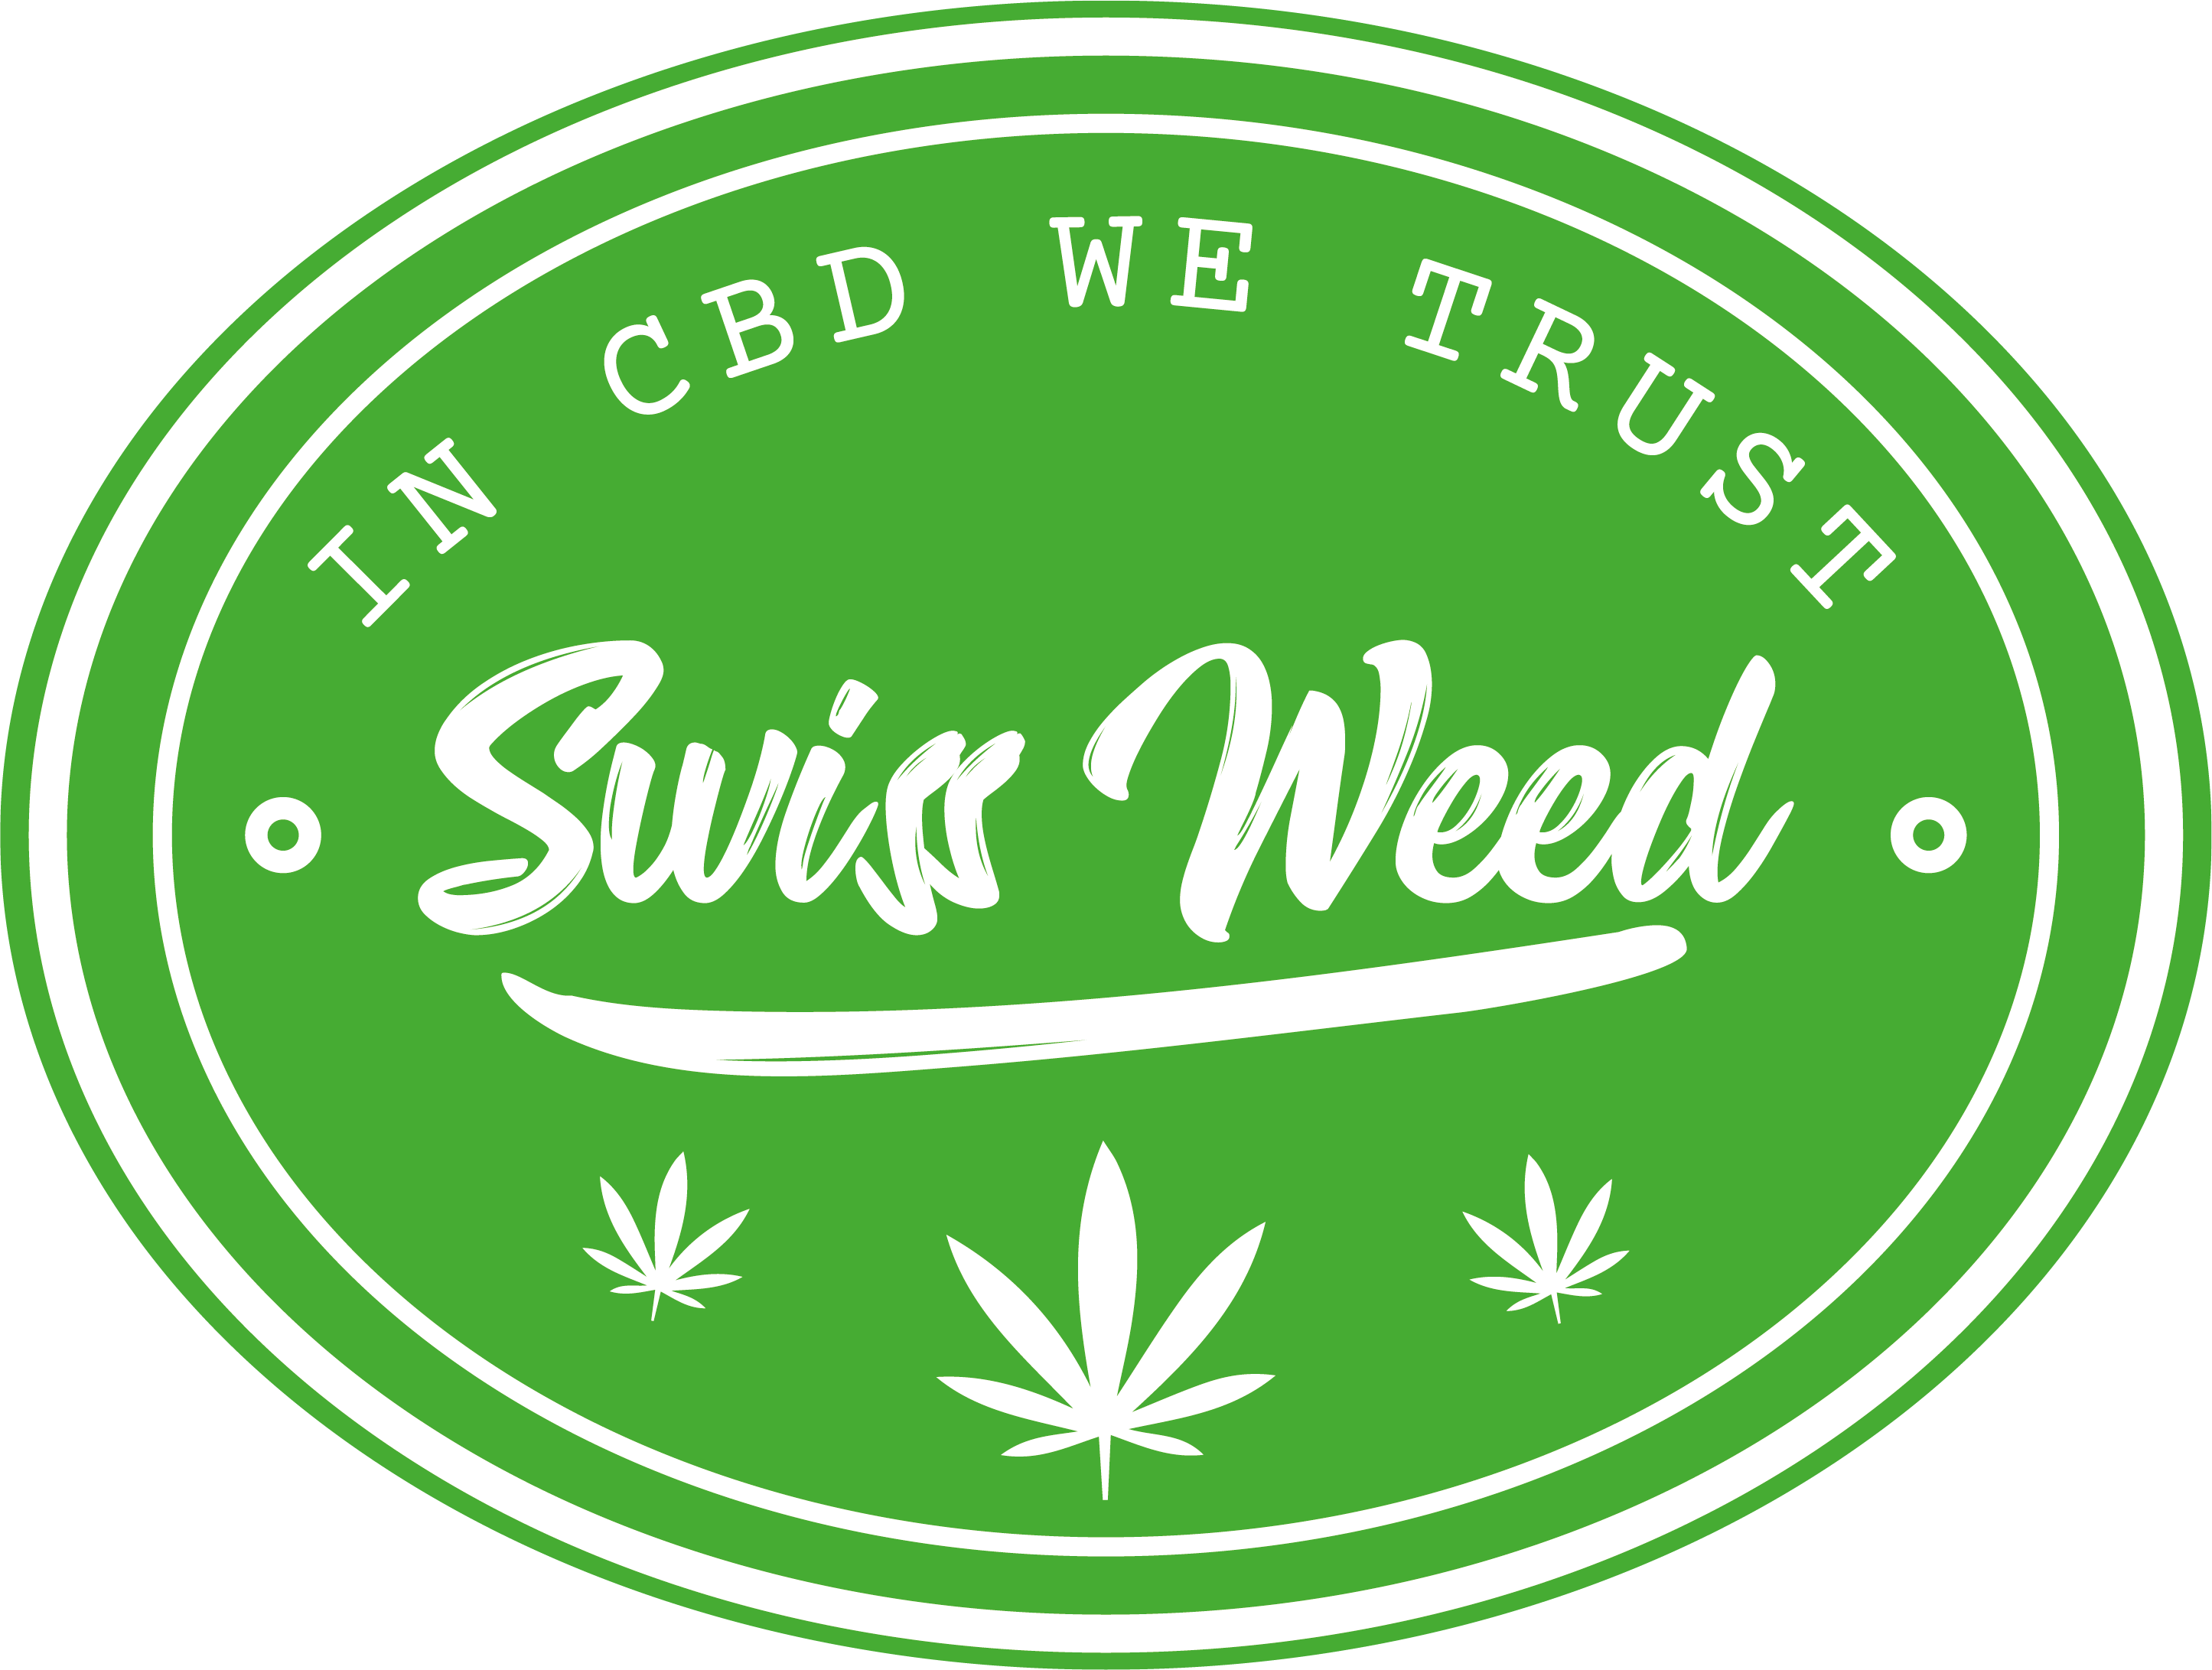 Swiss Weed